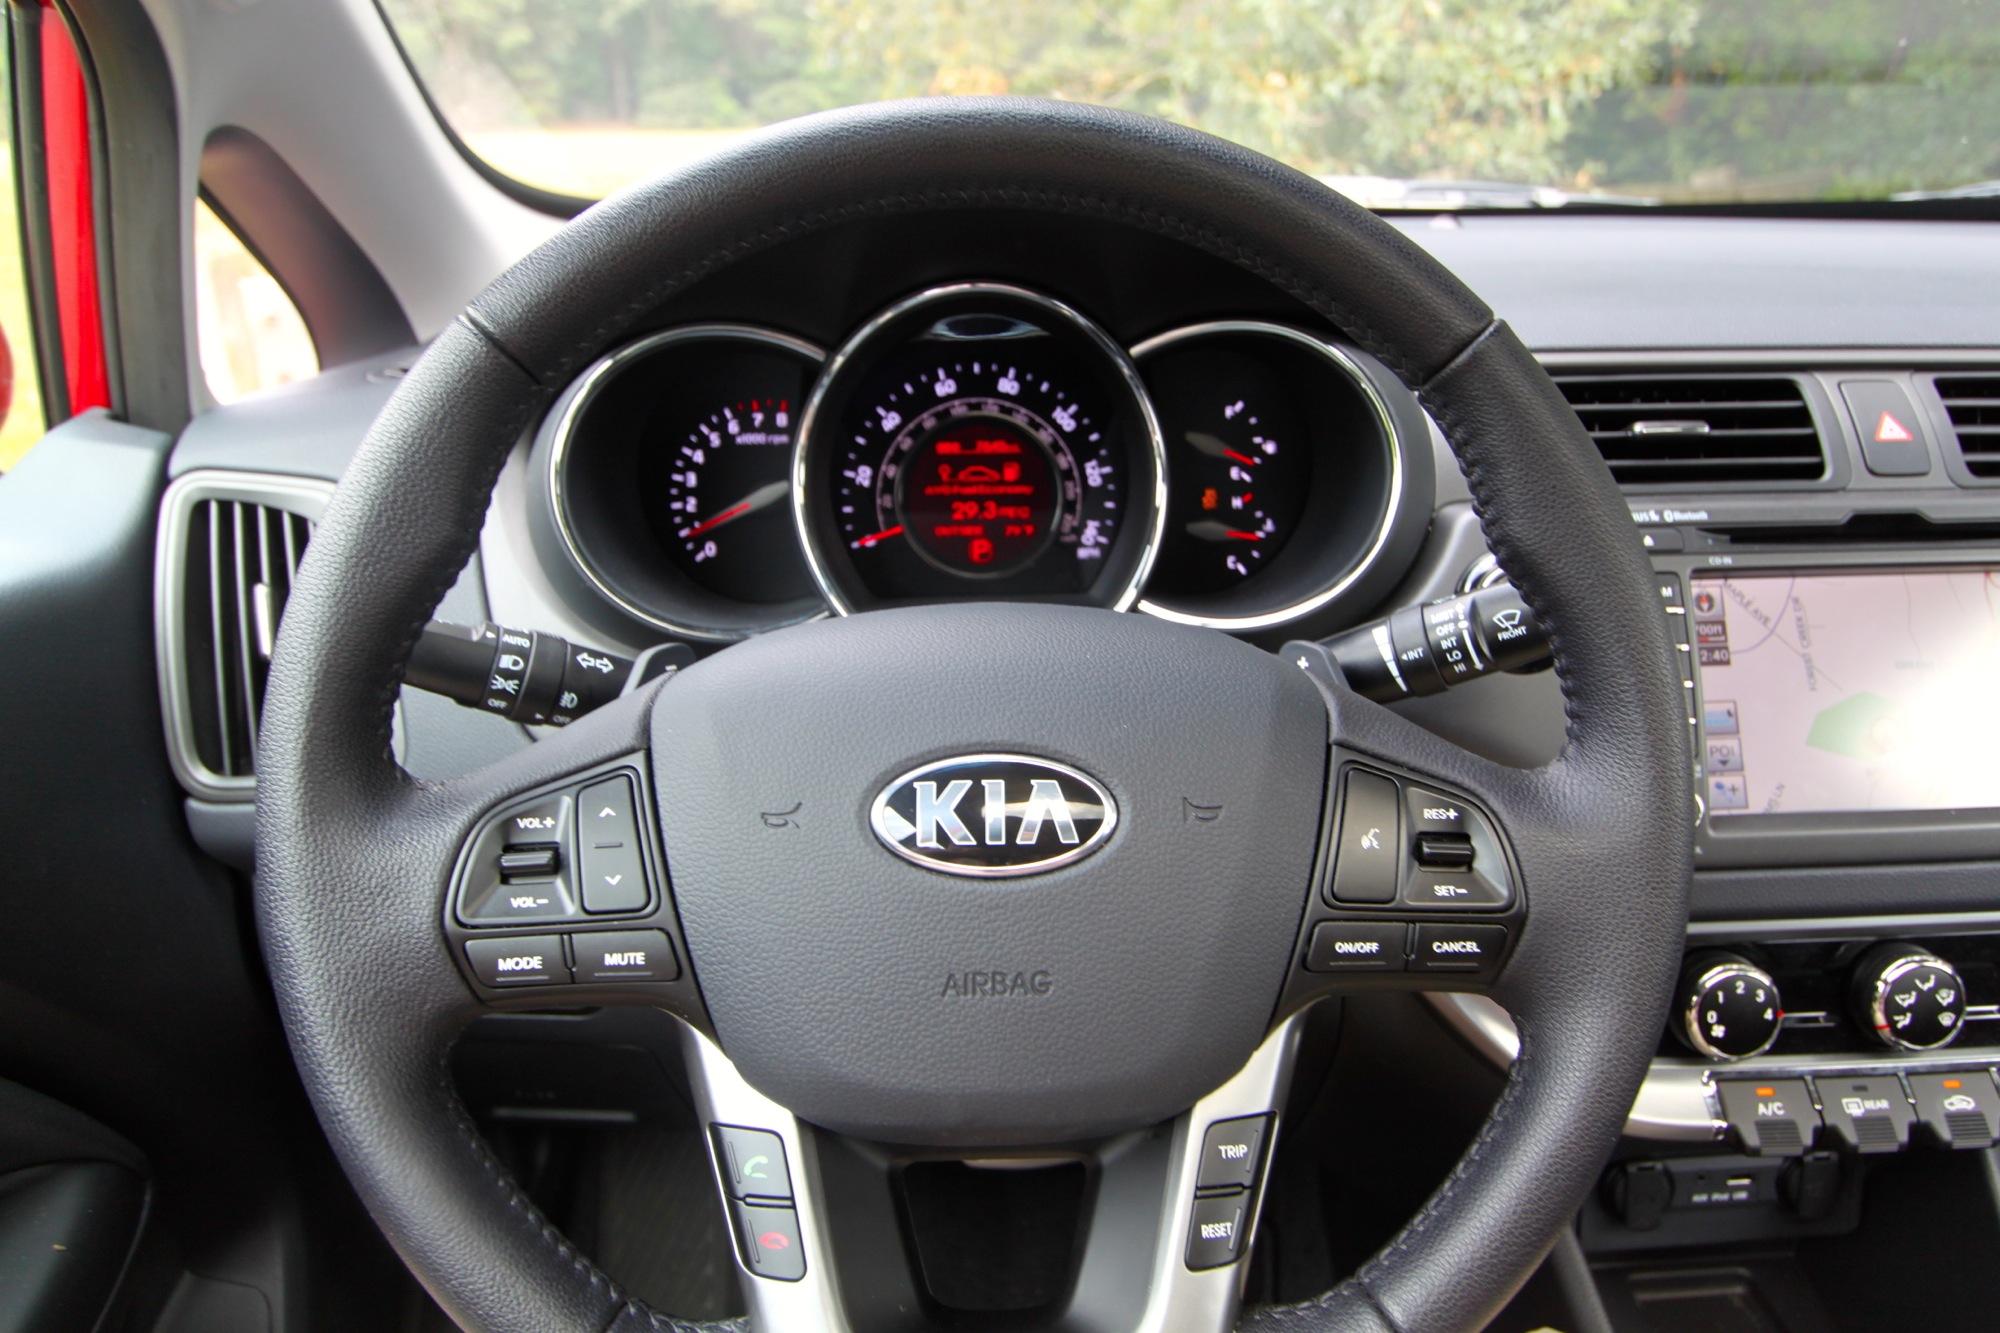 Kia Rio Sx Interior on Kia Rio Price